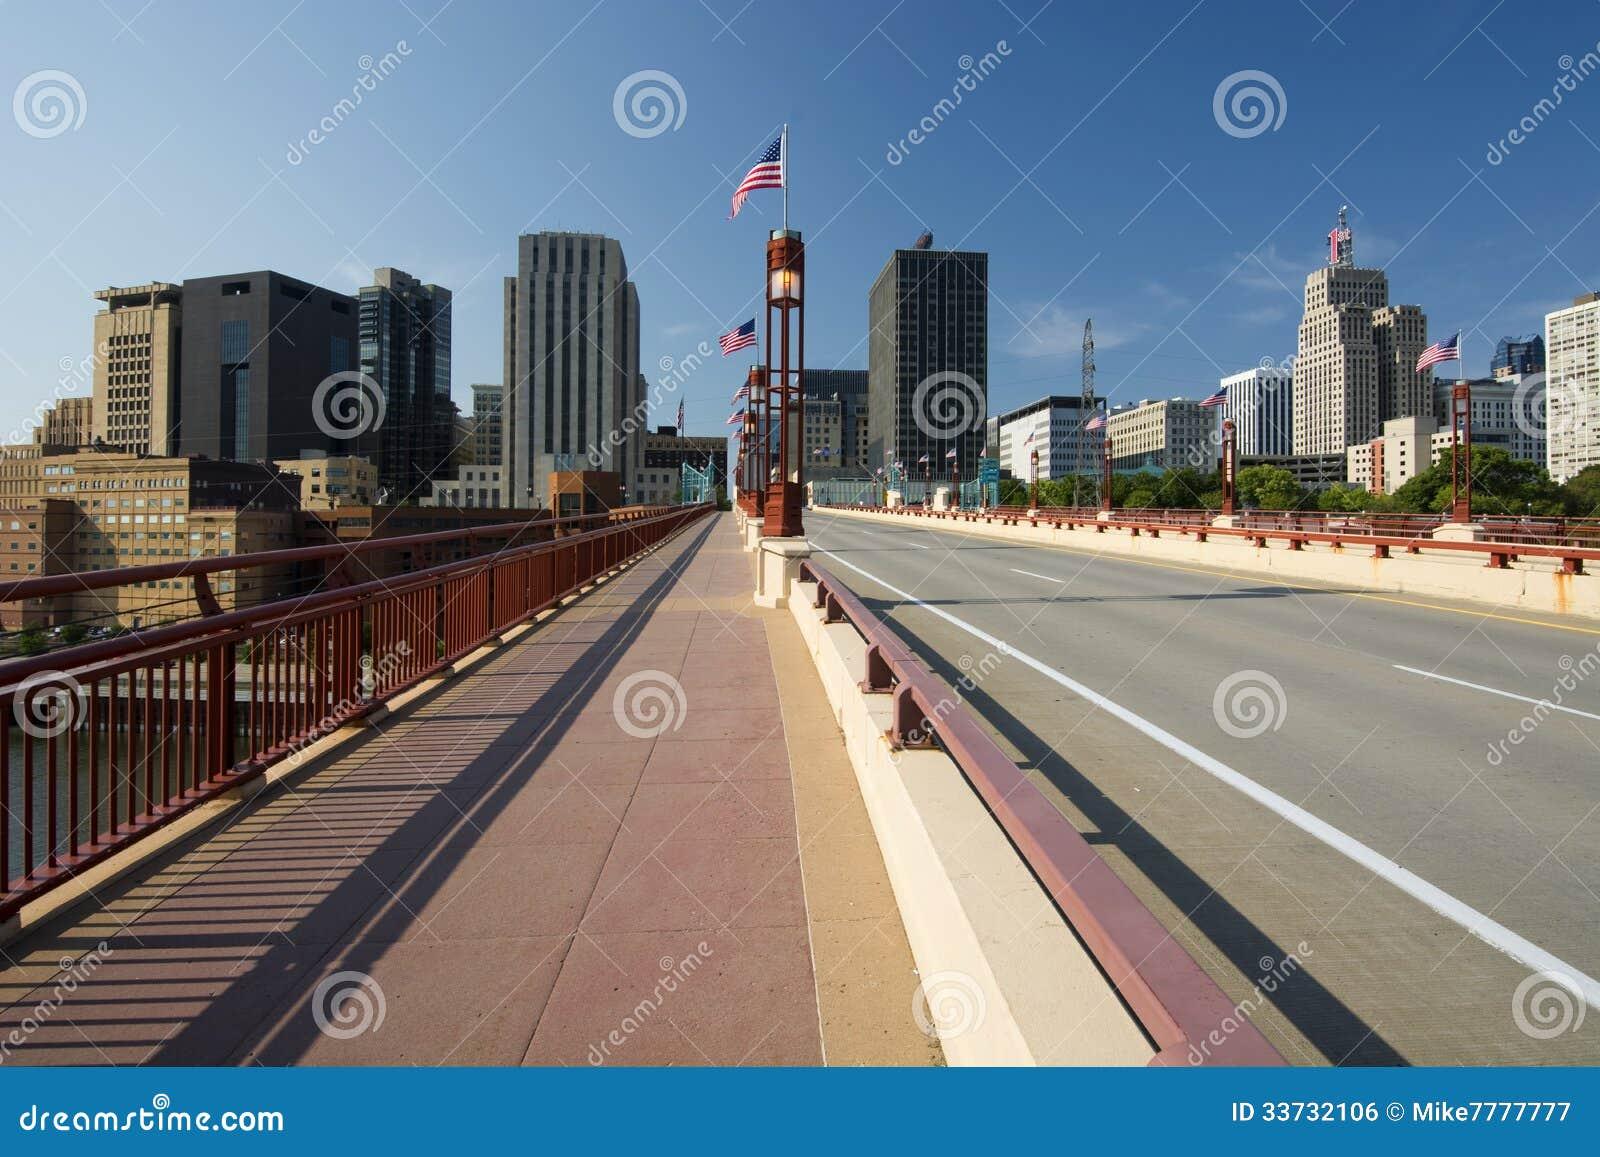 Горизонт St Paul, мост свободы улицы Wabasha, St Paul, Минесота